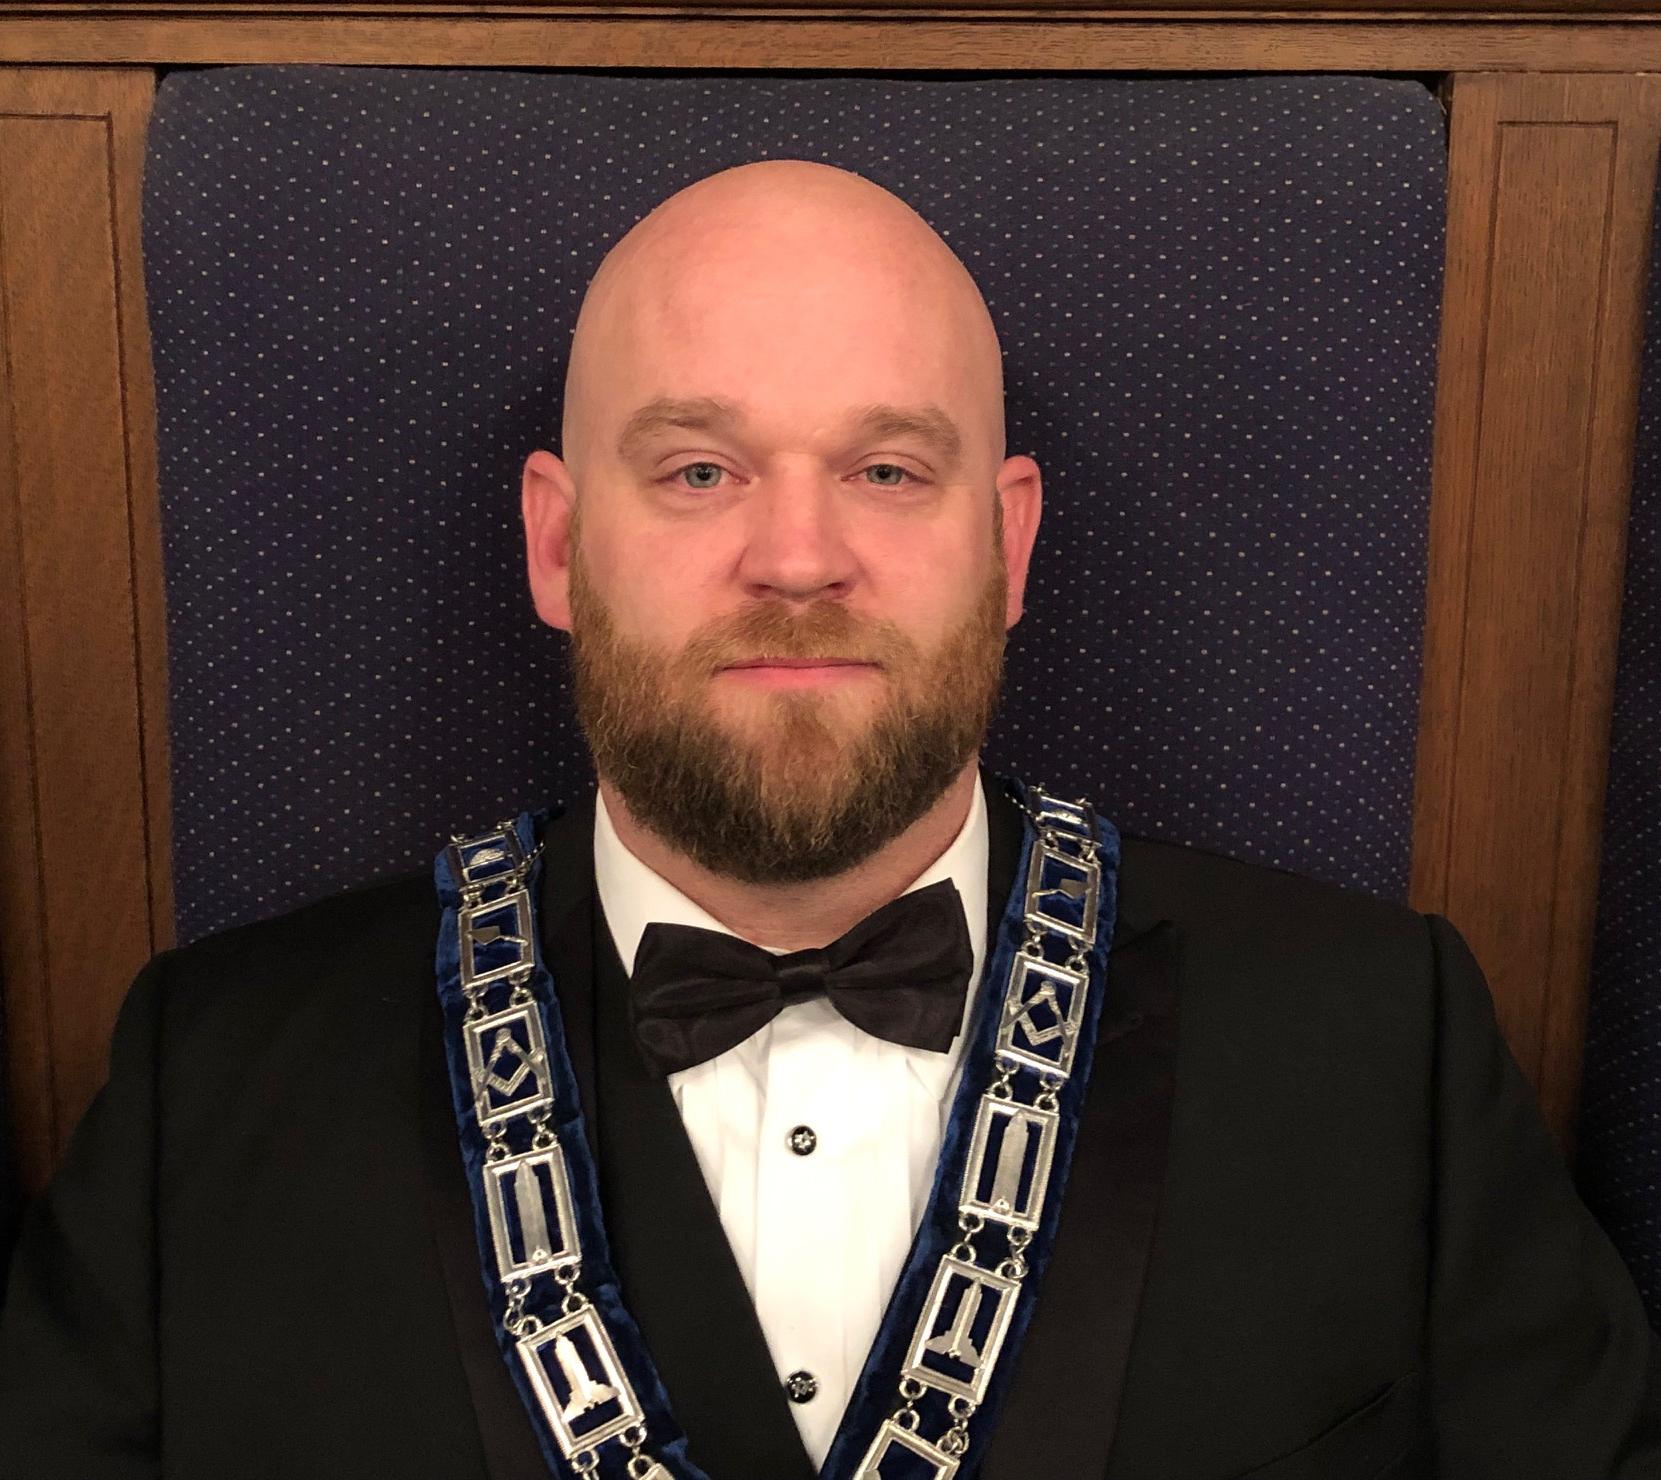 Jacob E. Easton - Senior Steward